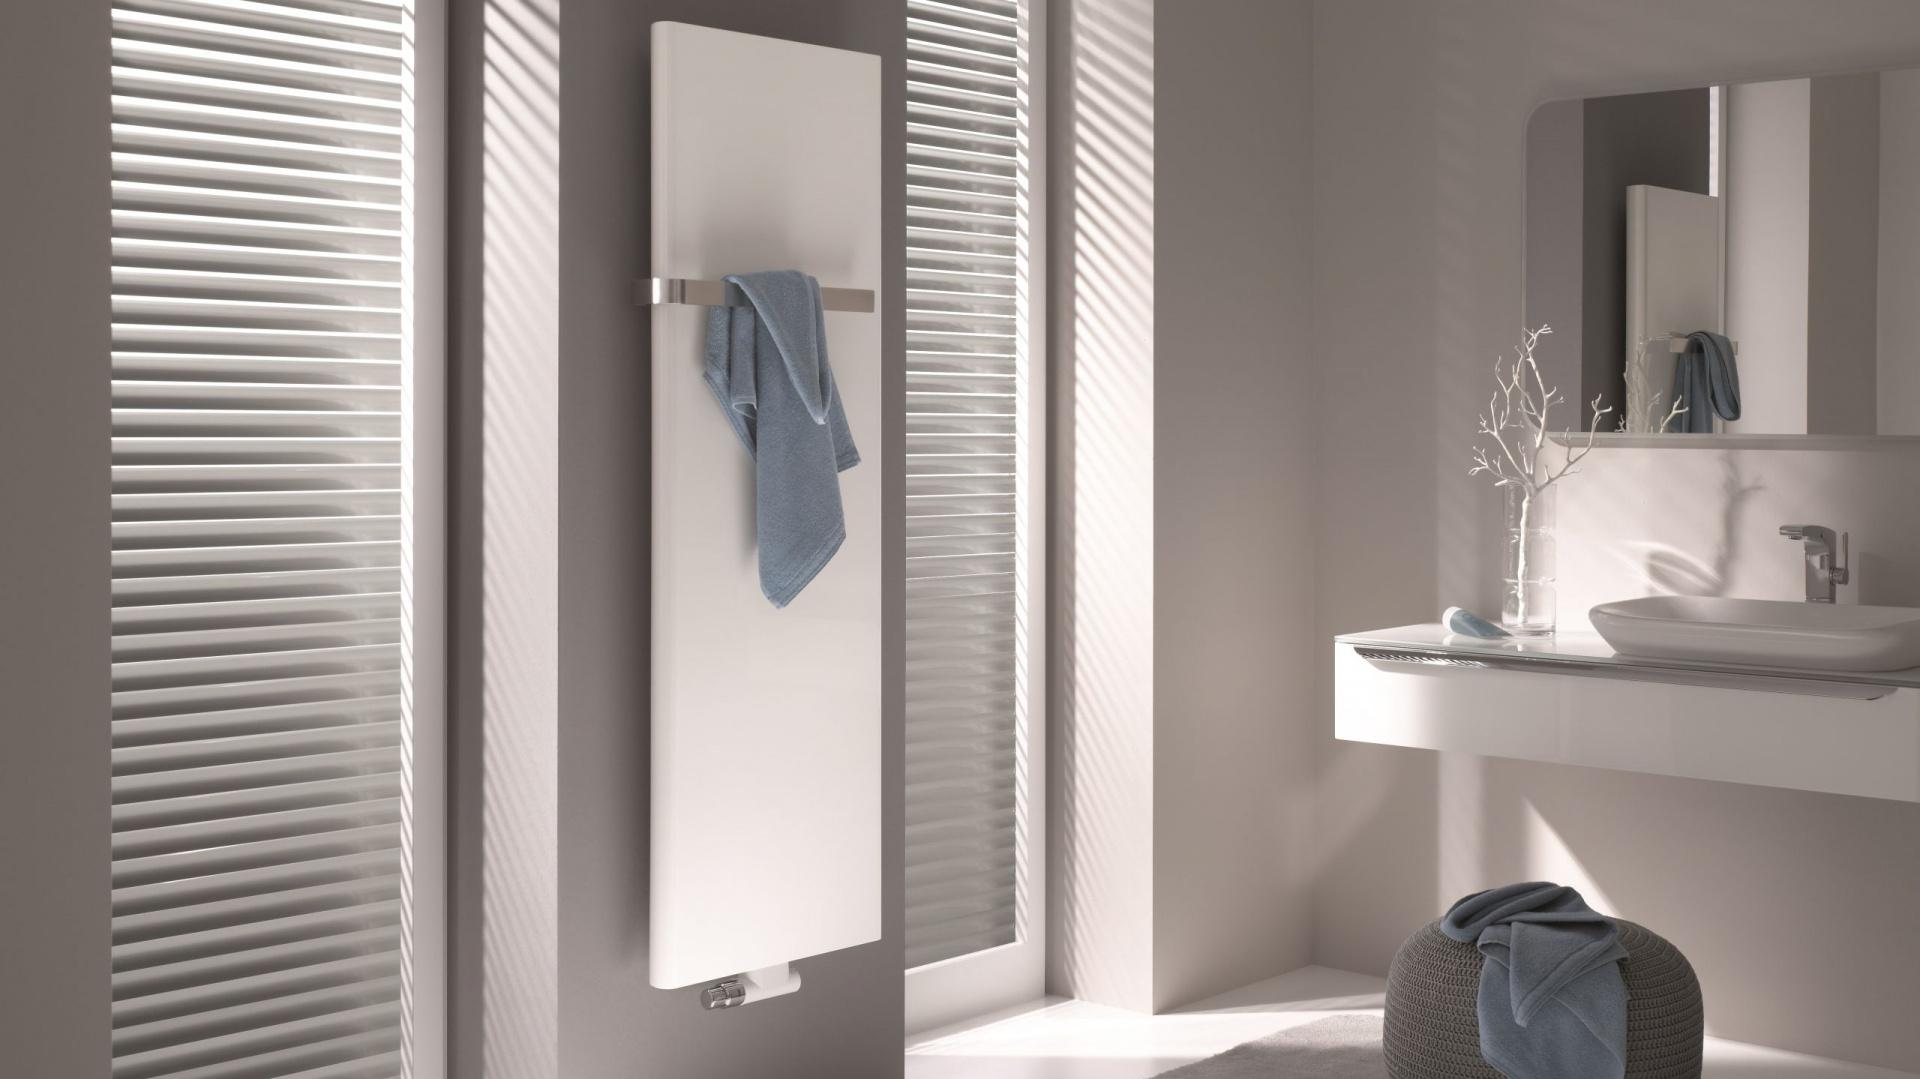 Grzejniki łazienkowe Zobacz 12 Dekoracyjnych Modeli